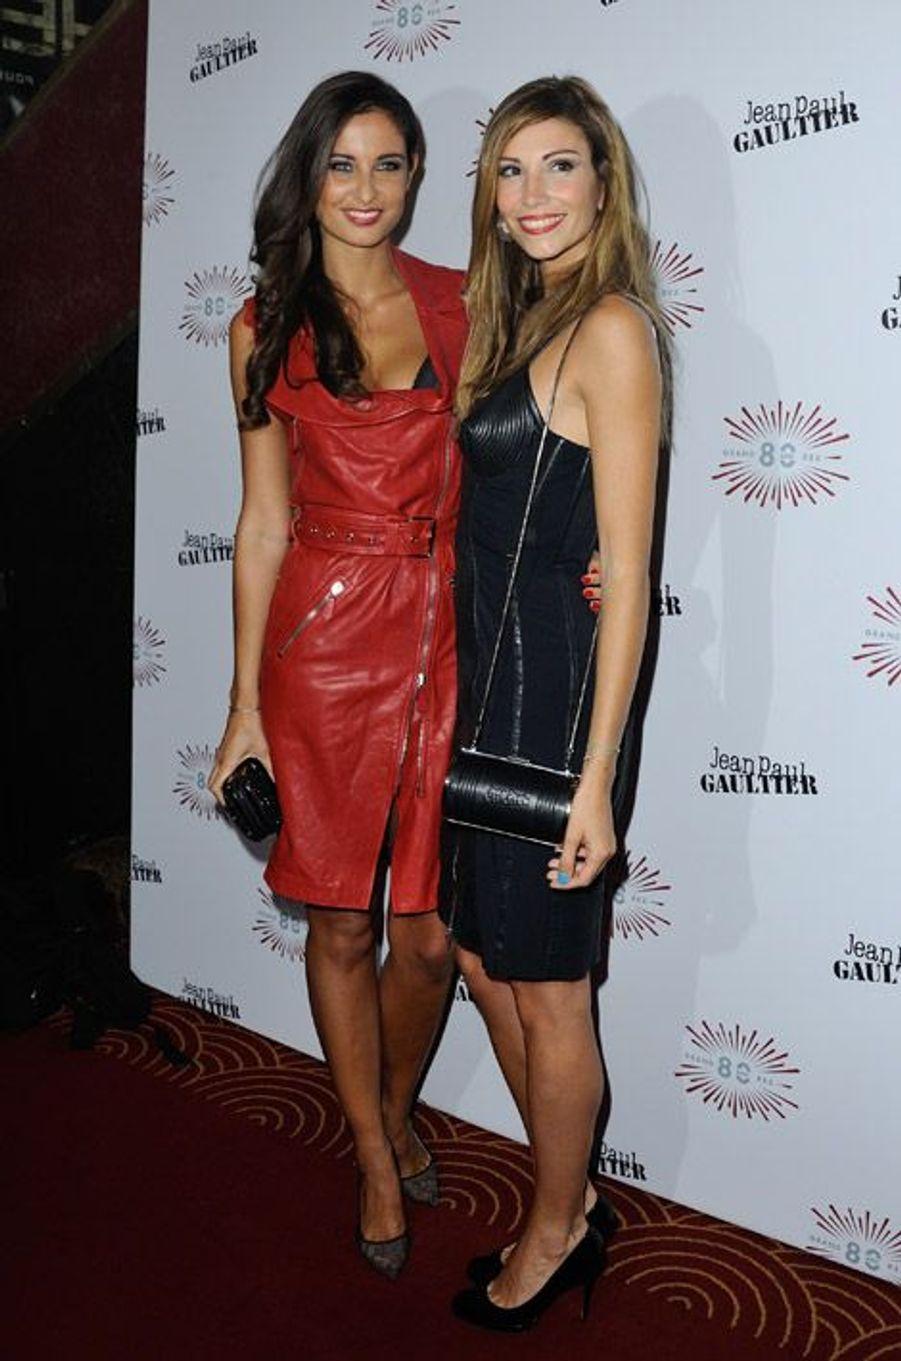 Les ex-Miss France Malika Ménard et Alexandra Rosenfeld au défilé Jean Paul Gaultier printemps-été 2015 à Paris, le 27 septembre 2014